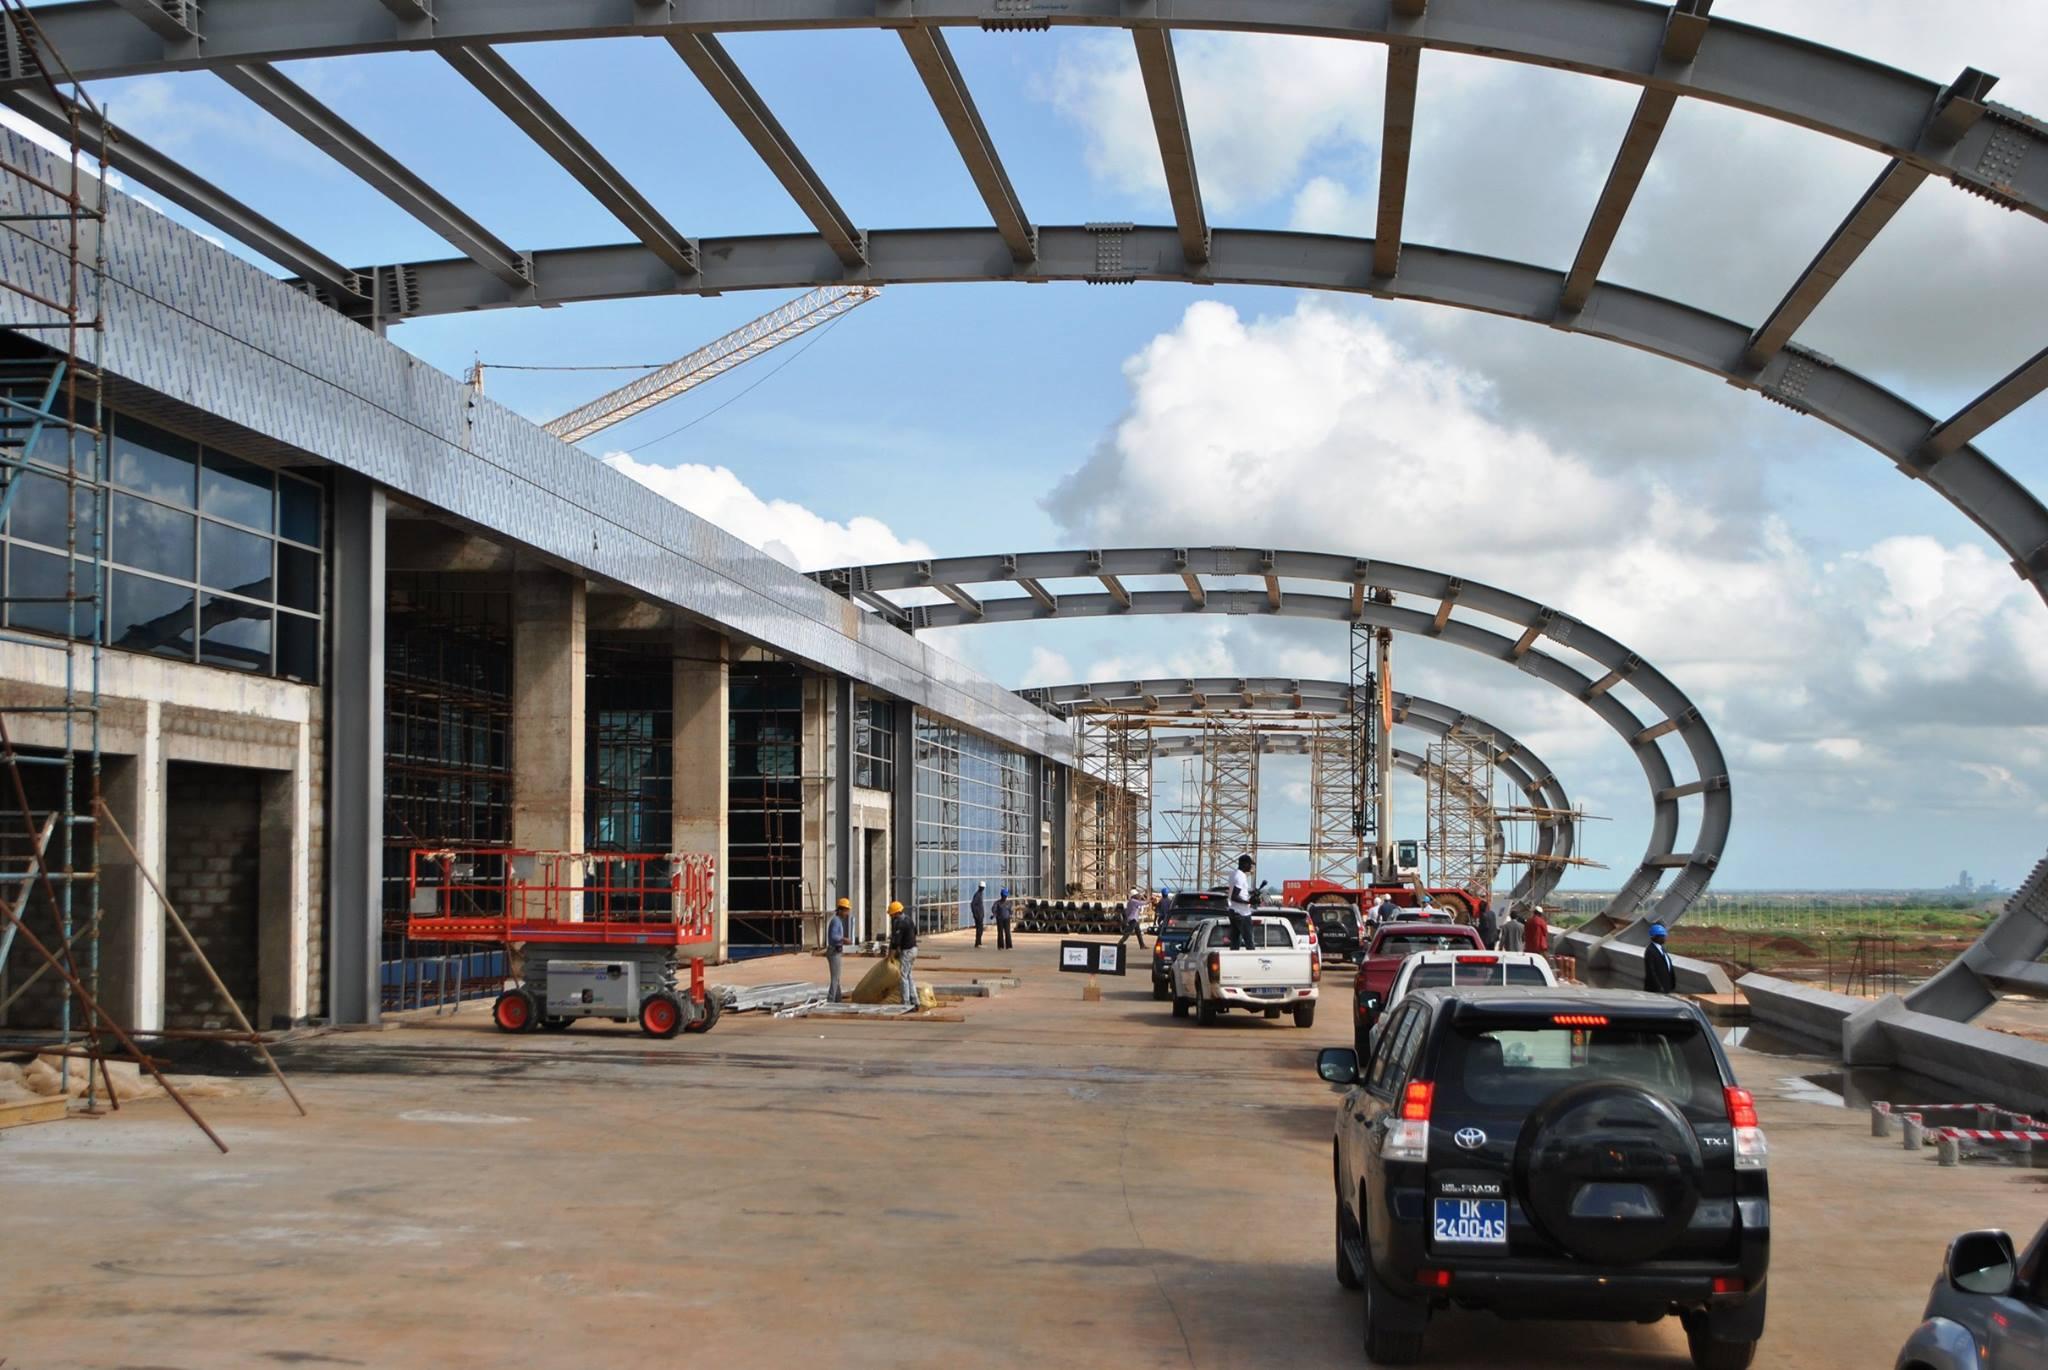 Etat Sénégal/Saudi Bin Laden : C'est presque le crash à l'Aéroport Blaise Diagne